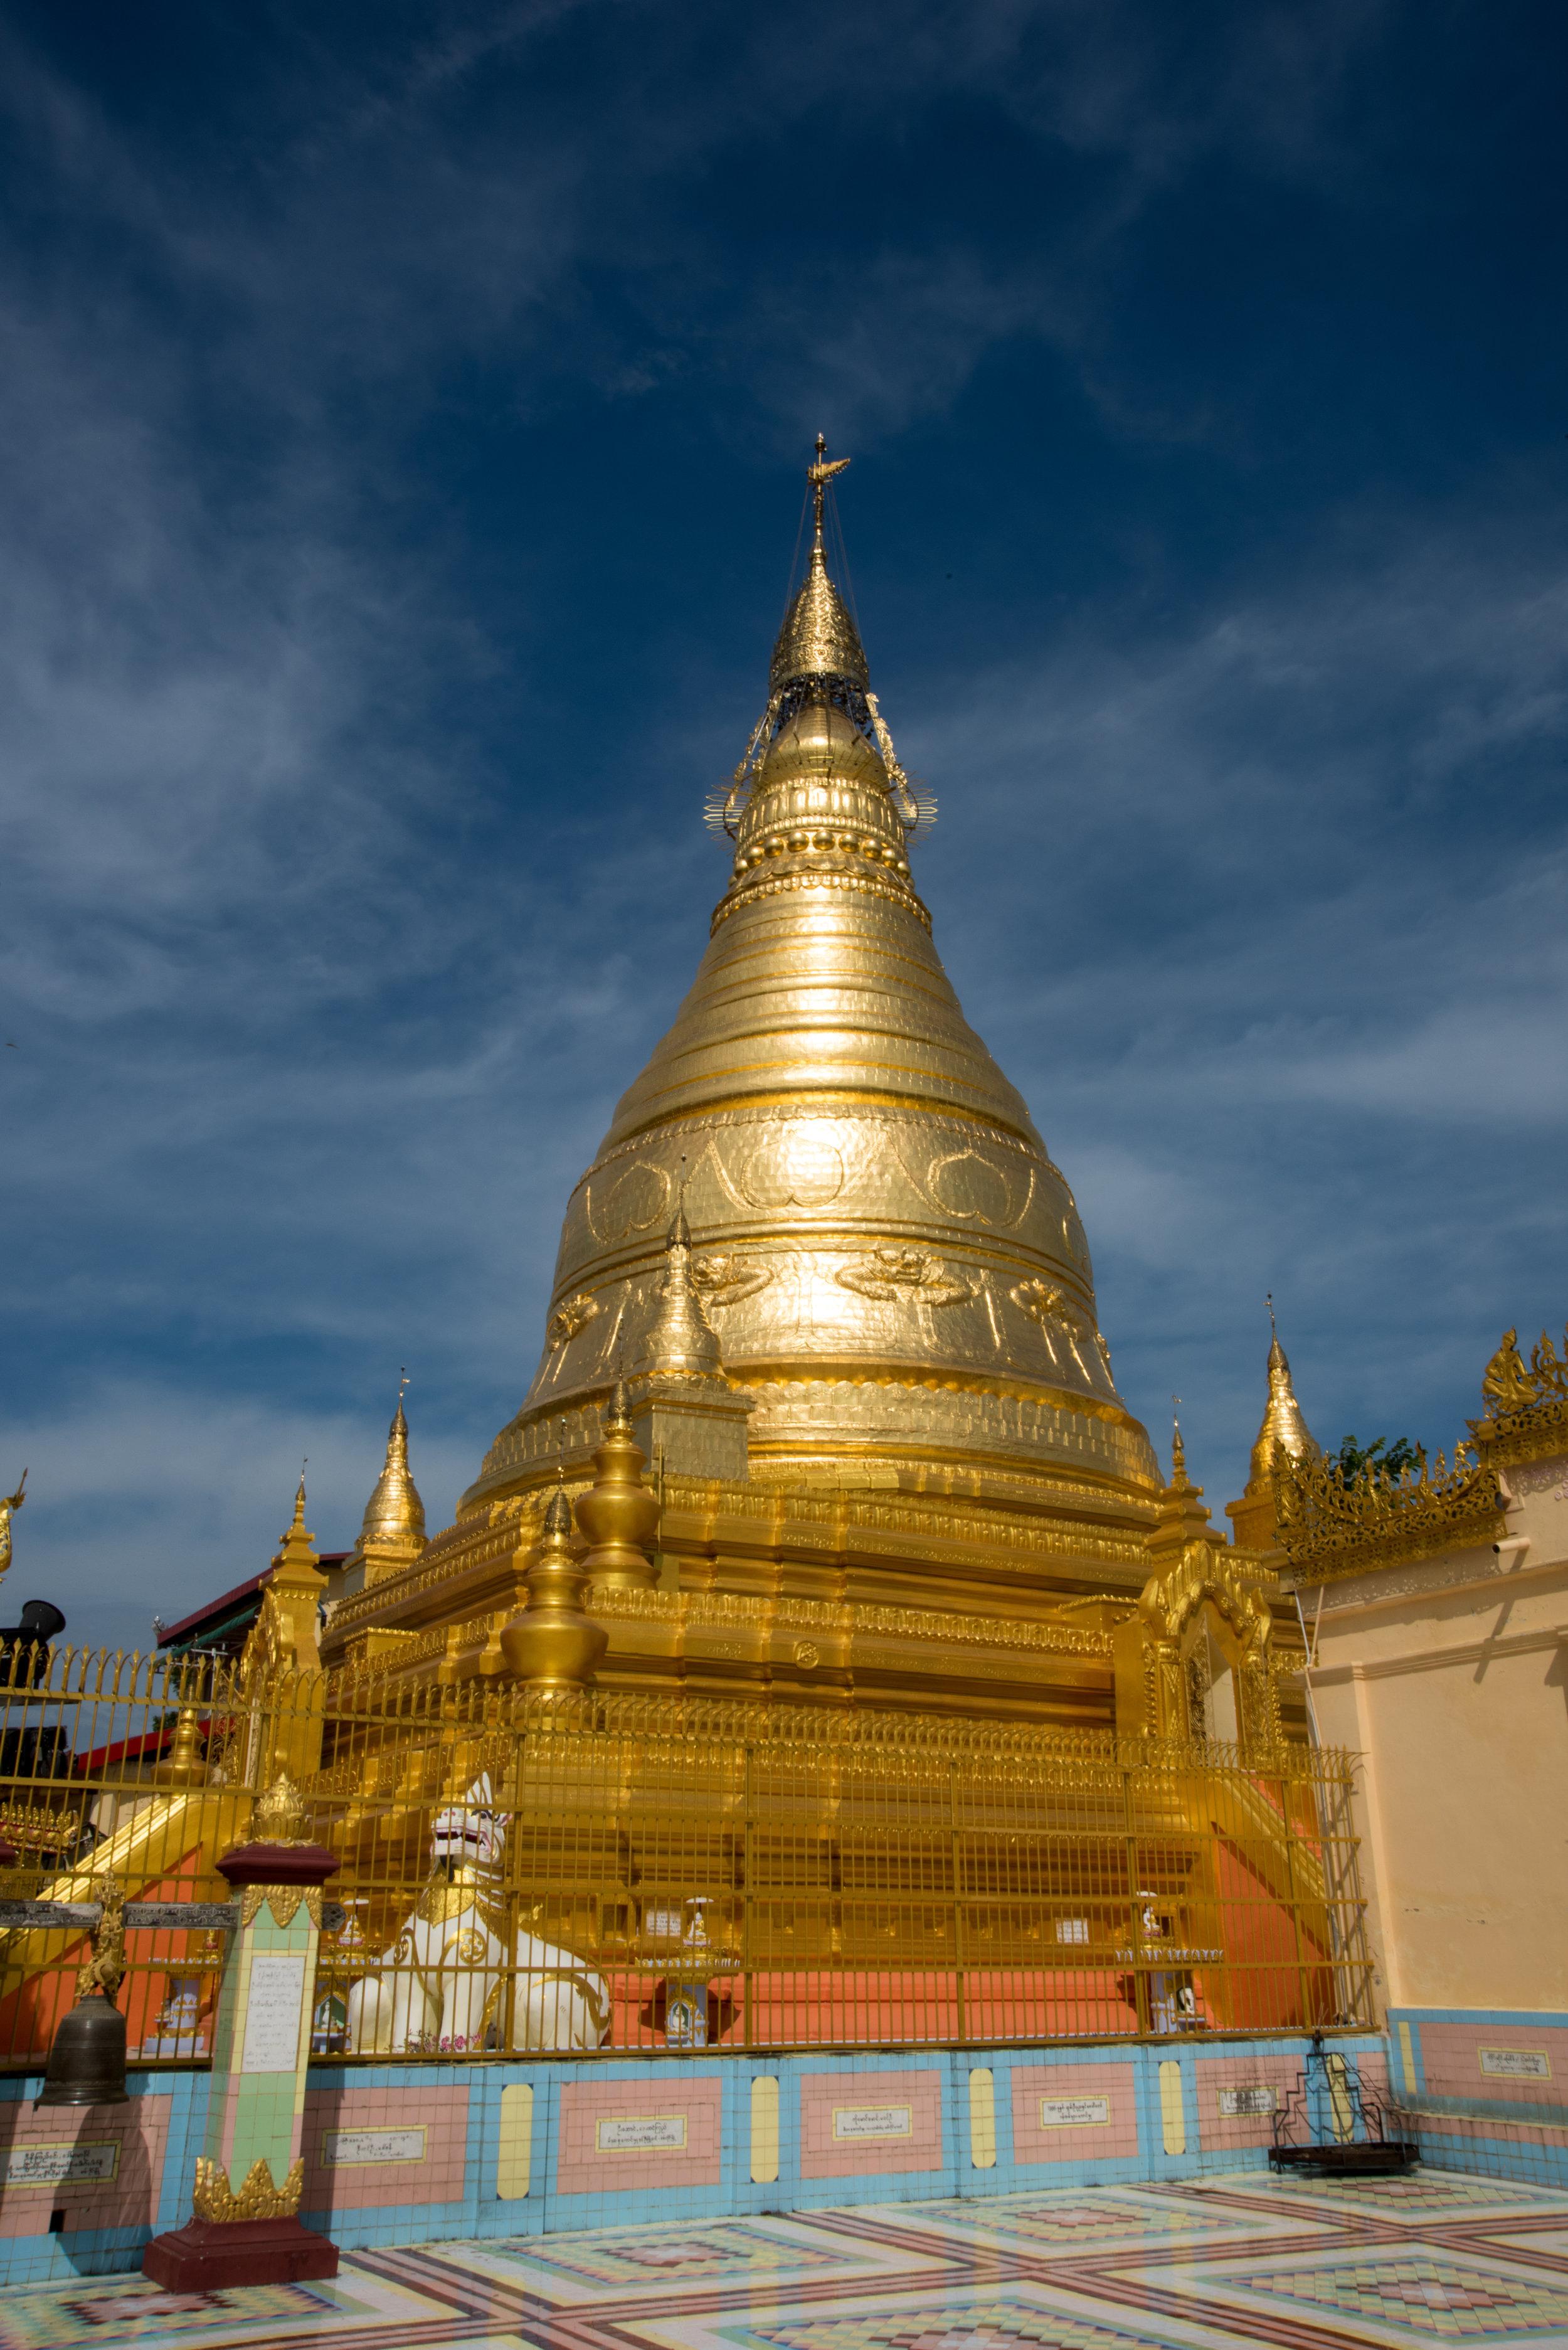 Soon U Ponya Shin Pagoda, Sagaing Hills, Mandalay, Myanmar